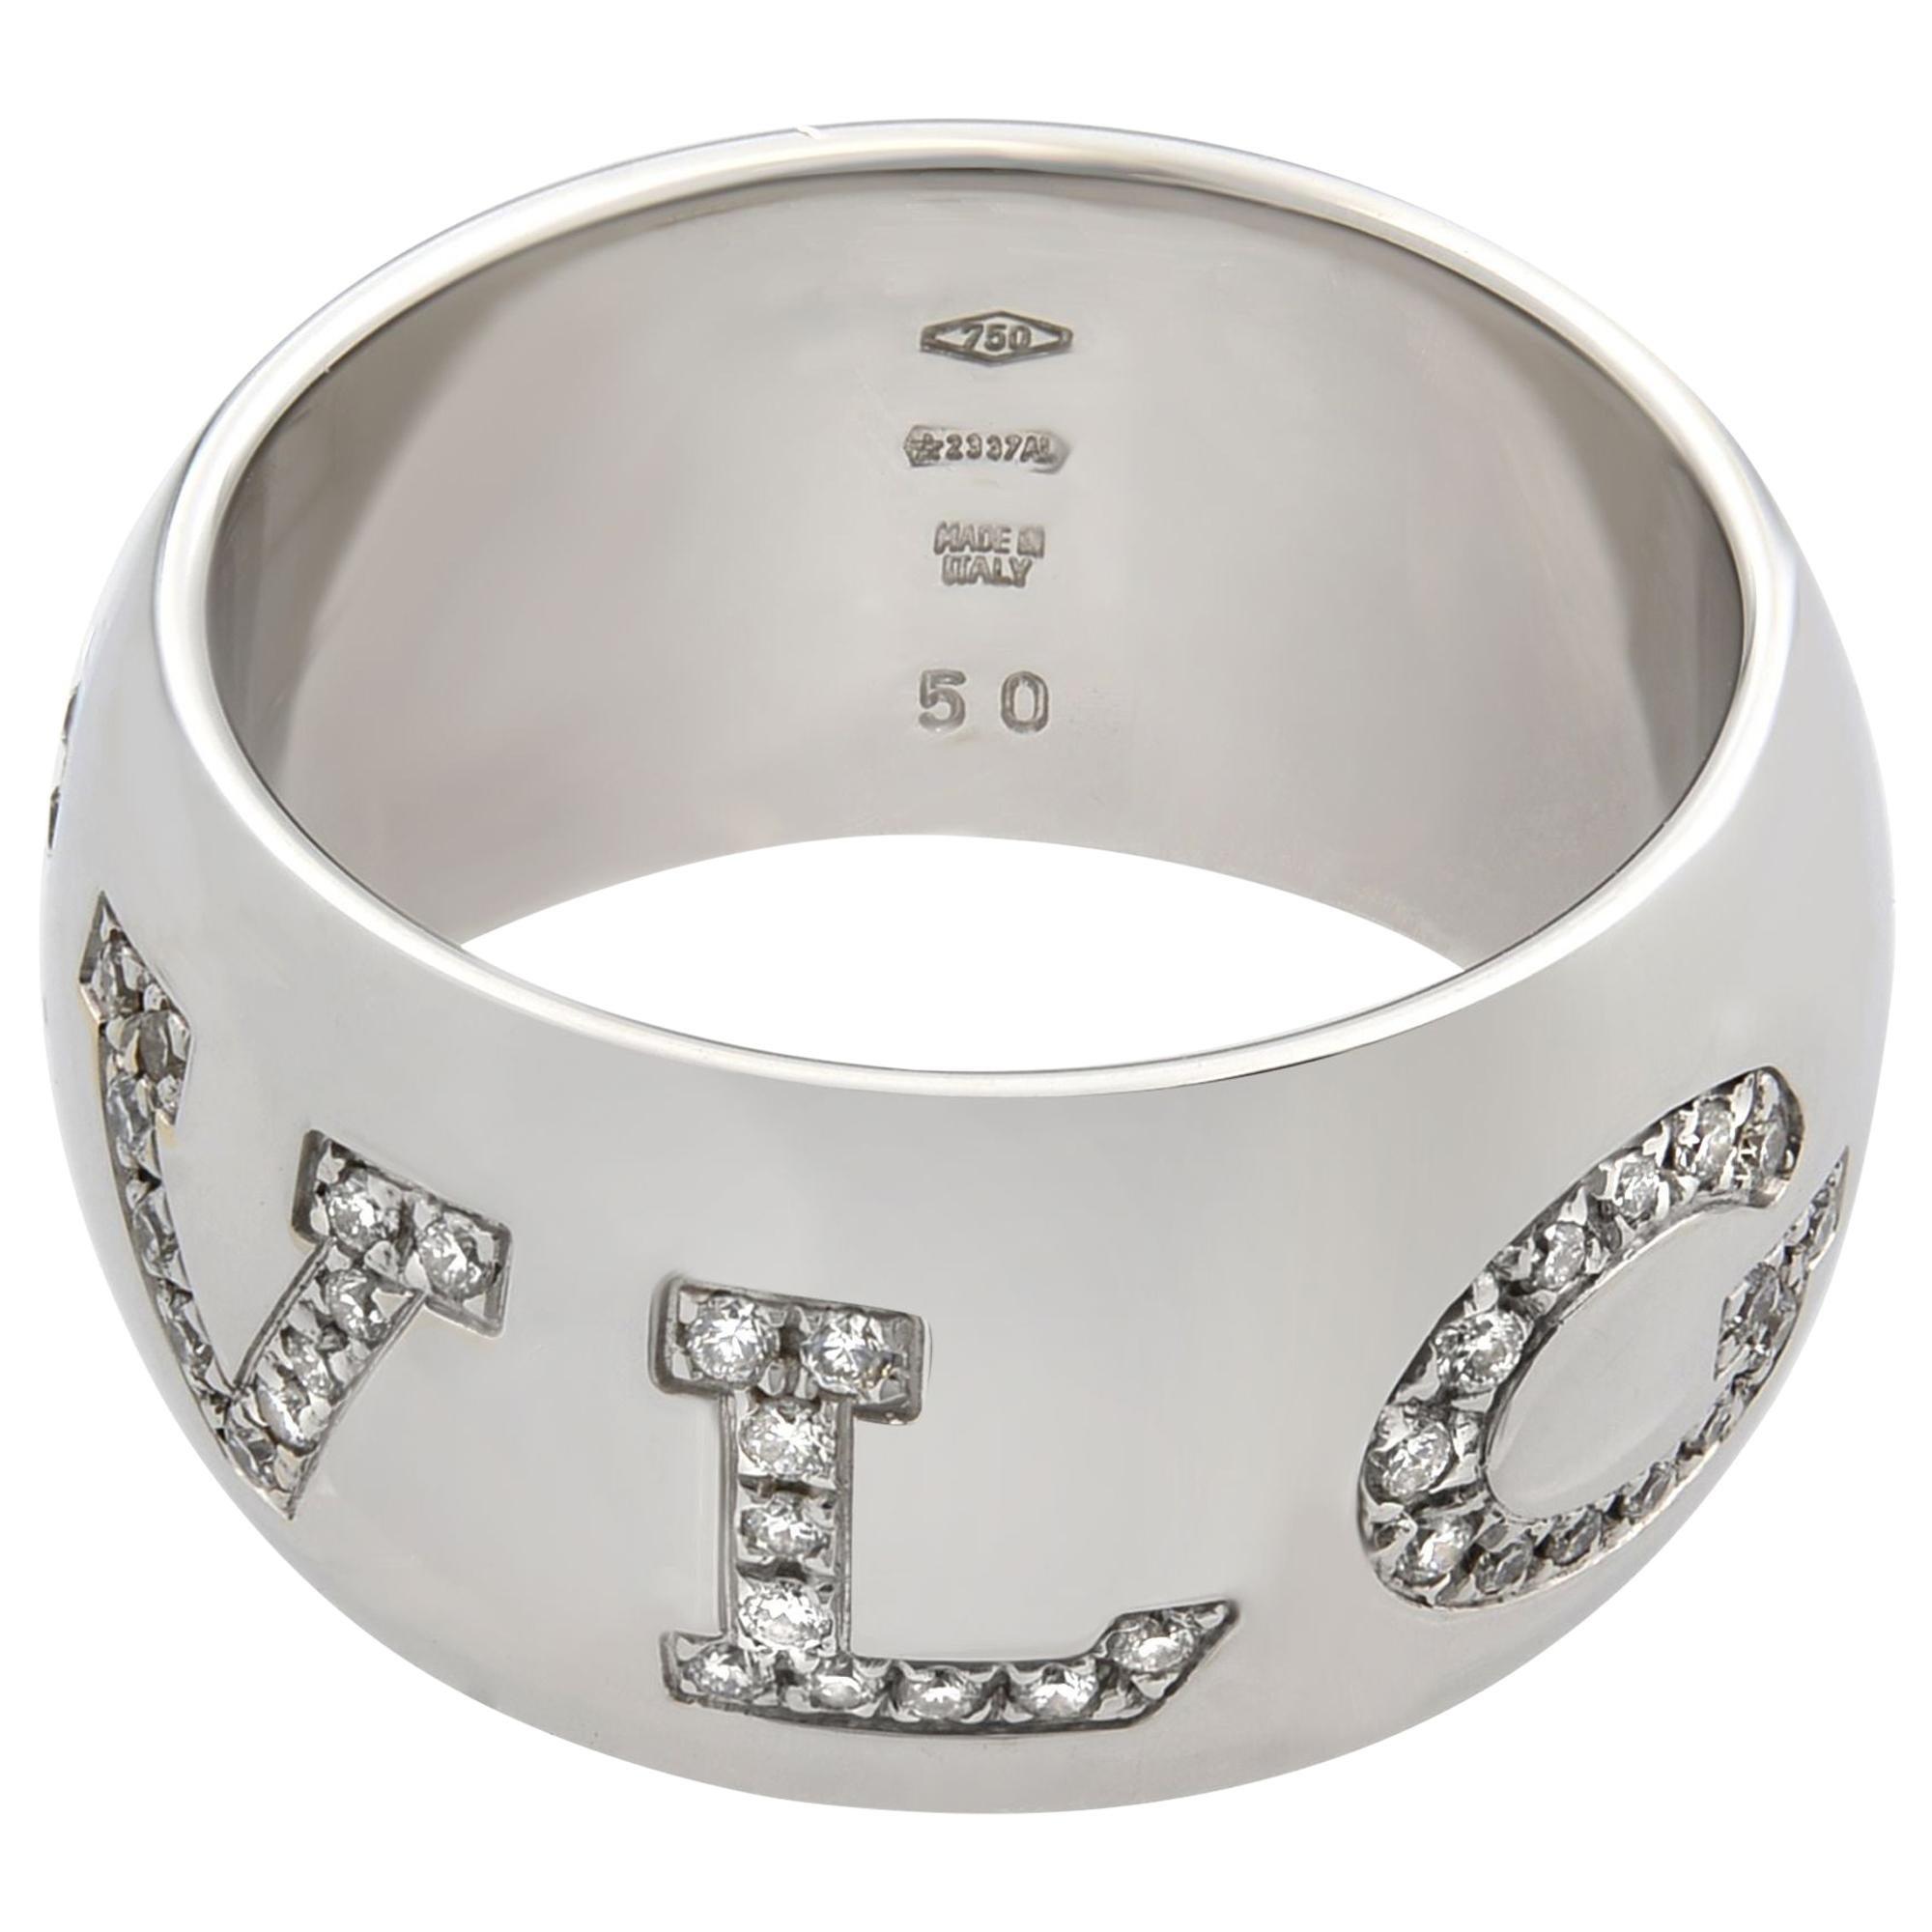 Bvlgari Monologo 18 Karat White Gold Diamond Ring 0.90 Carat